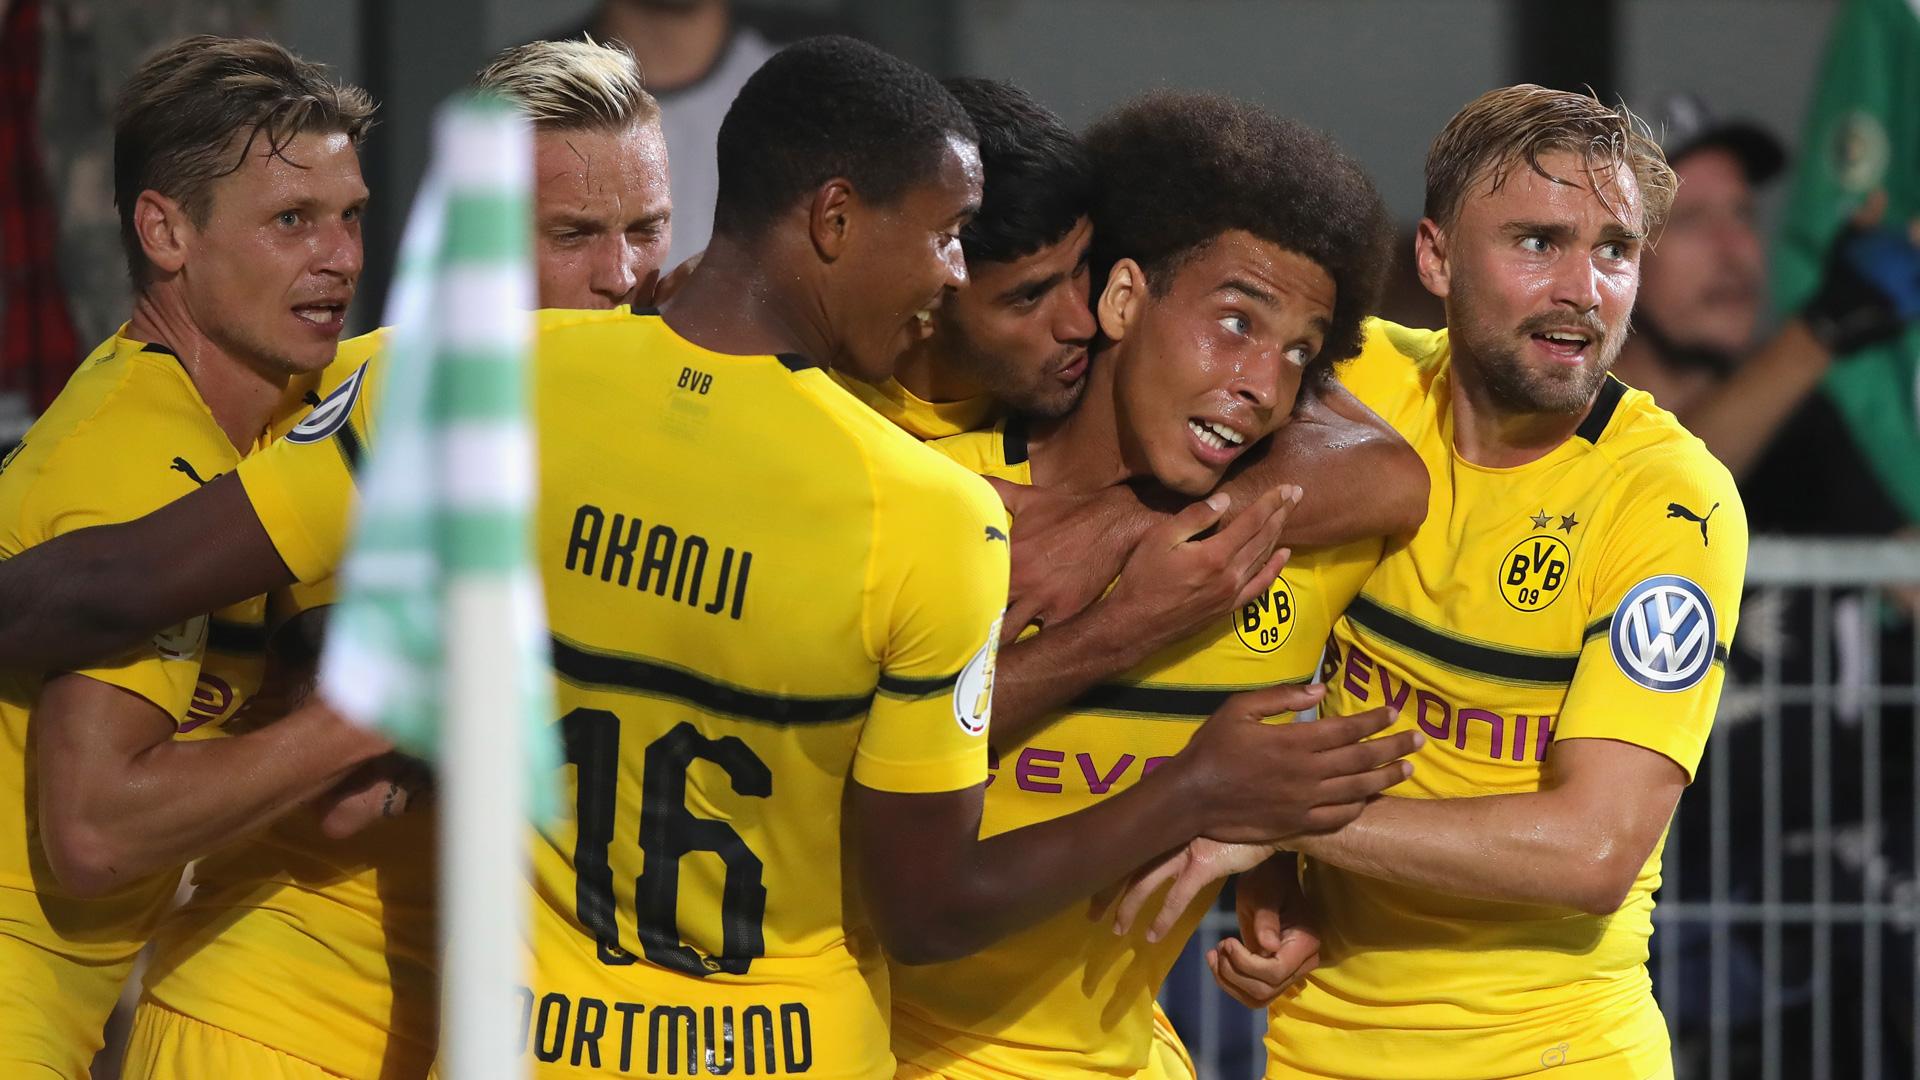 BVB Borussia Dortmund 20082018